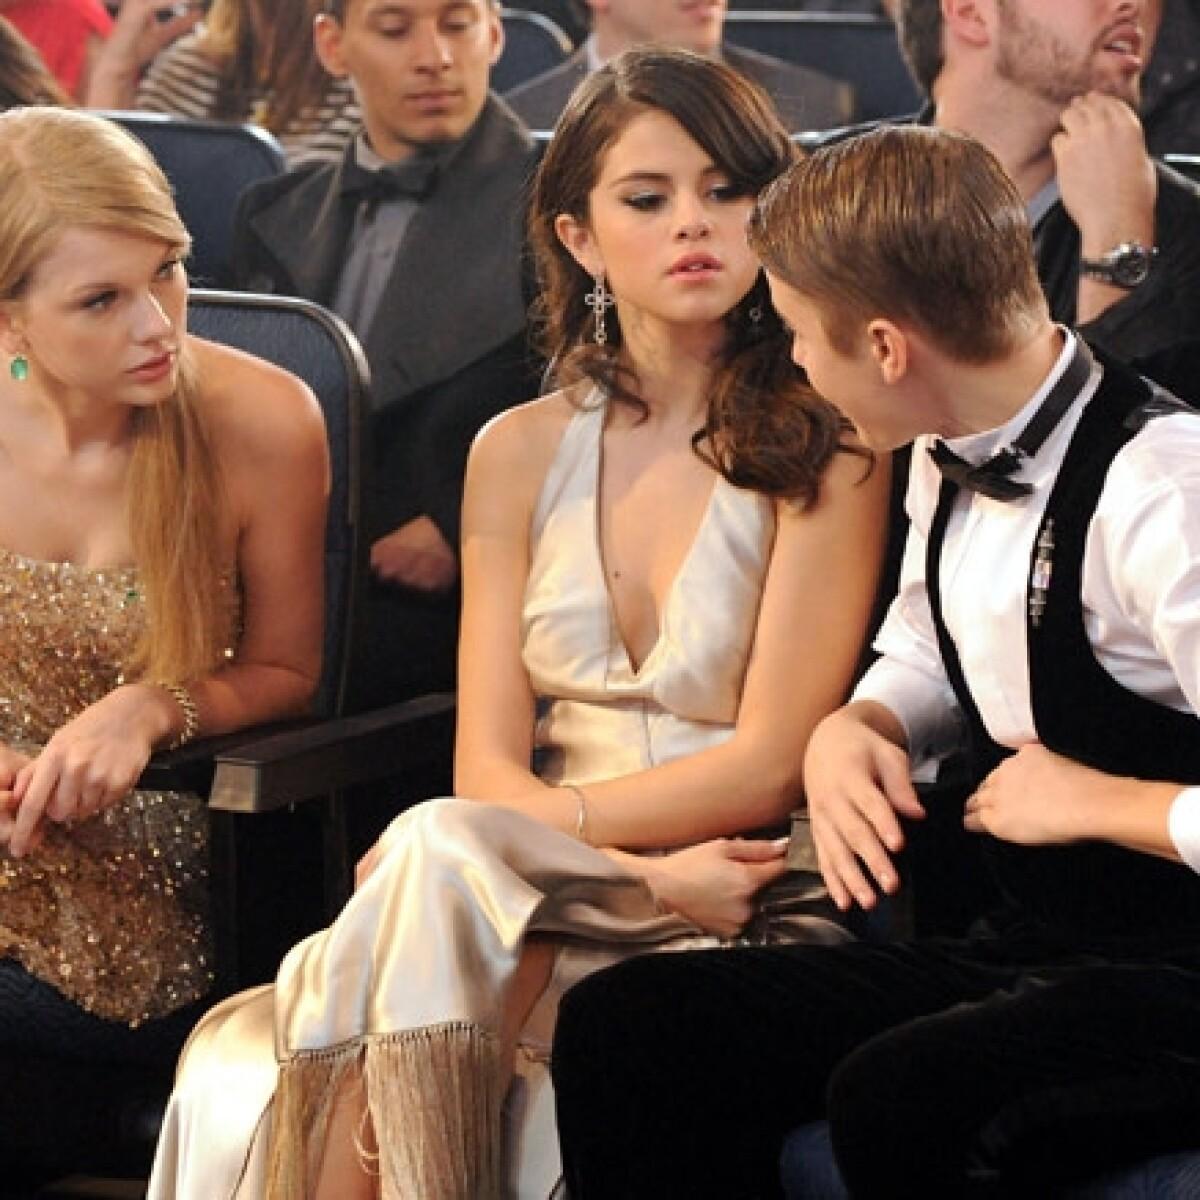 Por culpa de Bieber, Taylor Swift se ha alejado de Selena Gomez